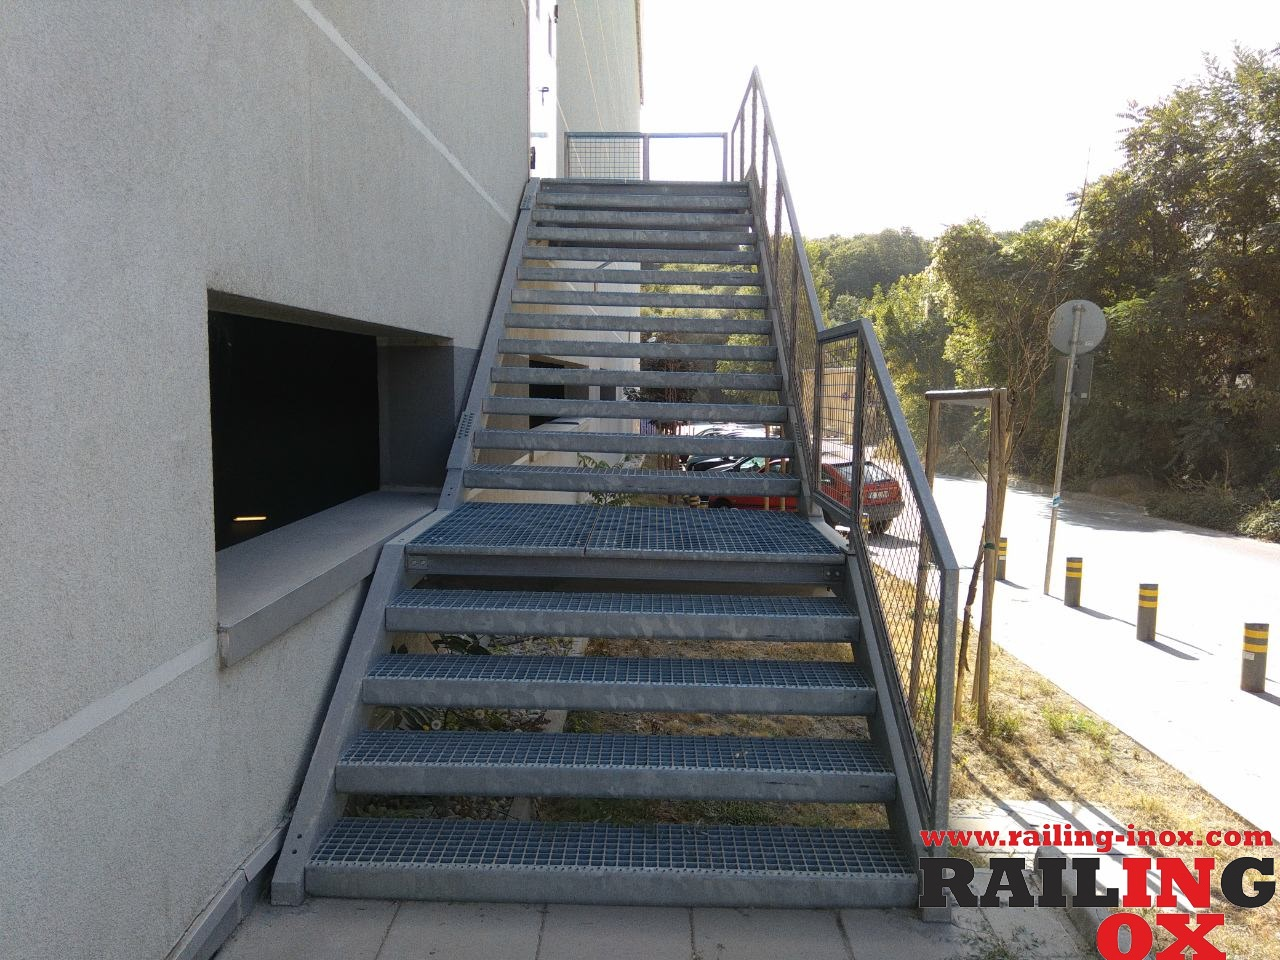 Външни евакуационни и противопожарни стълби